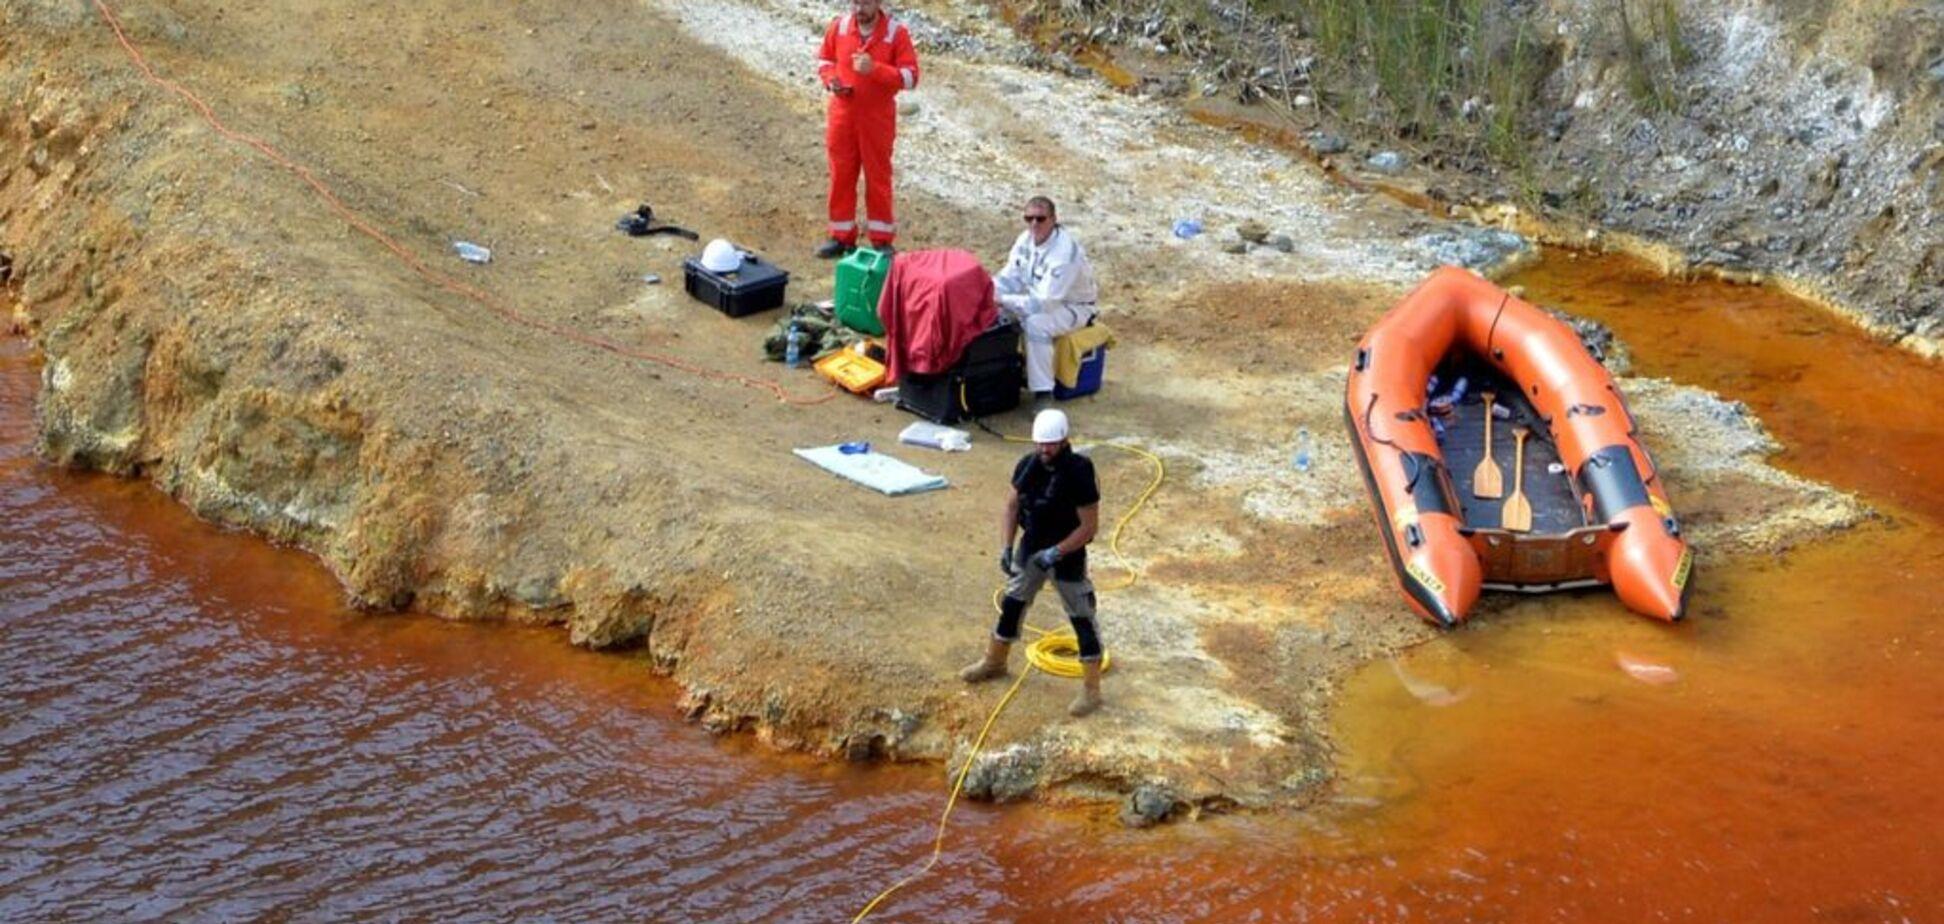 Топил чемоданы с телами в кислотном озере: на Кипре задержан жуткий маньяк